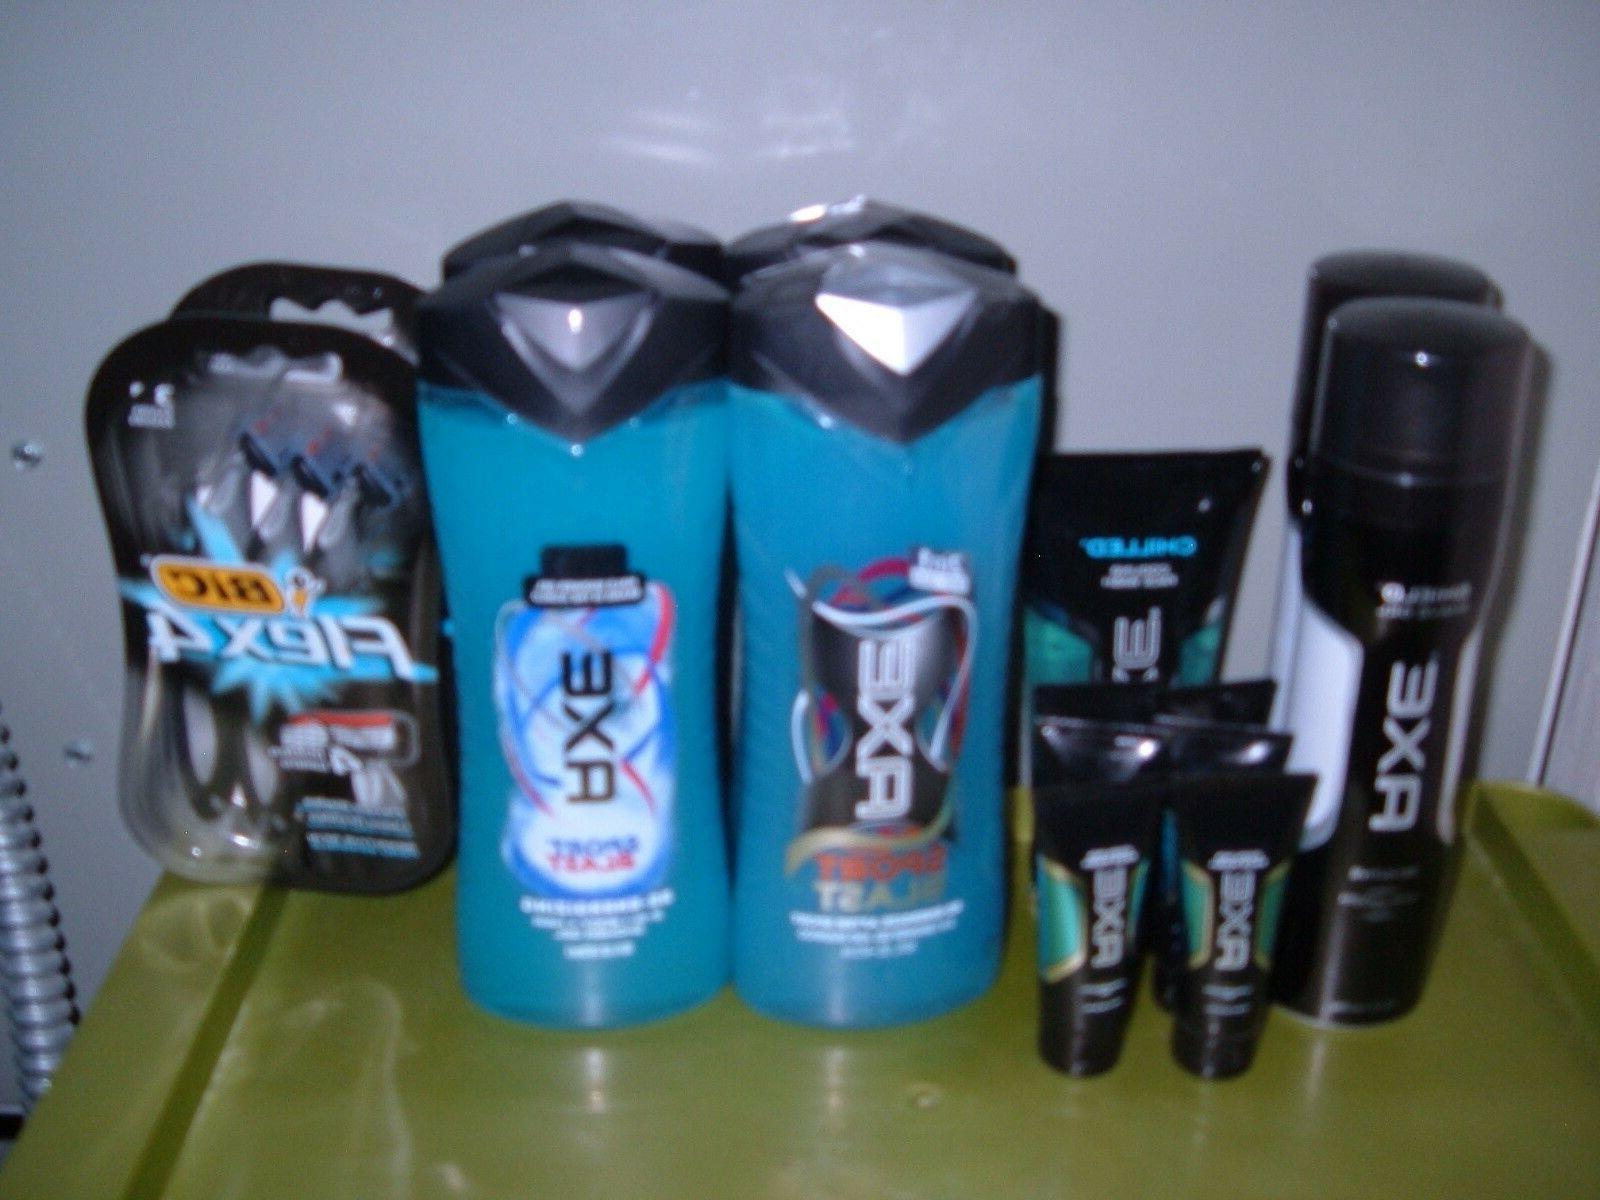 Axe Wash Sport Shampoo Bic